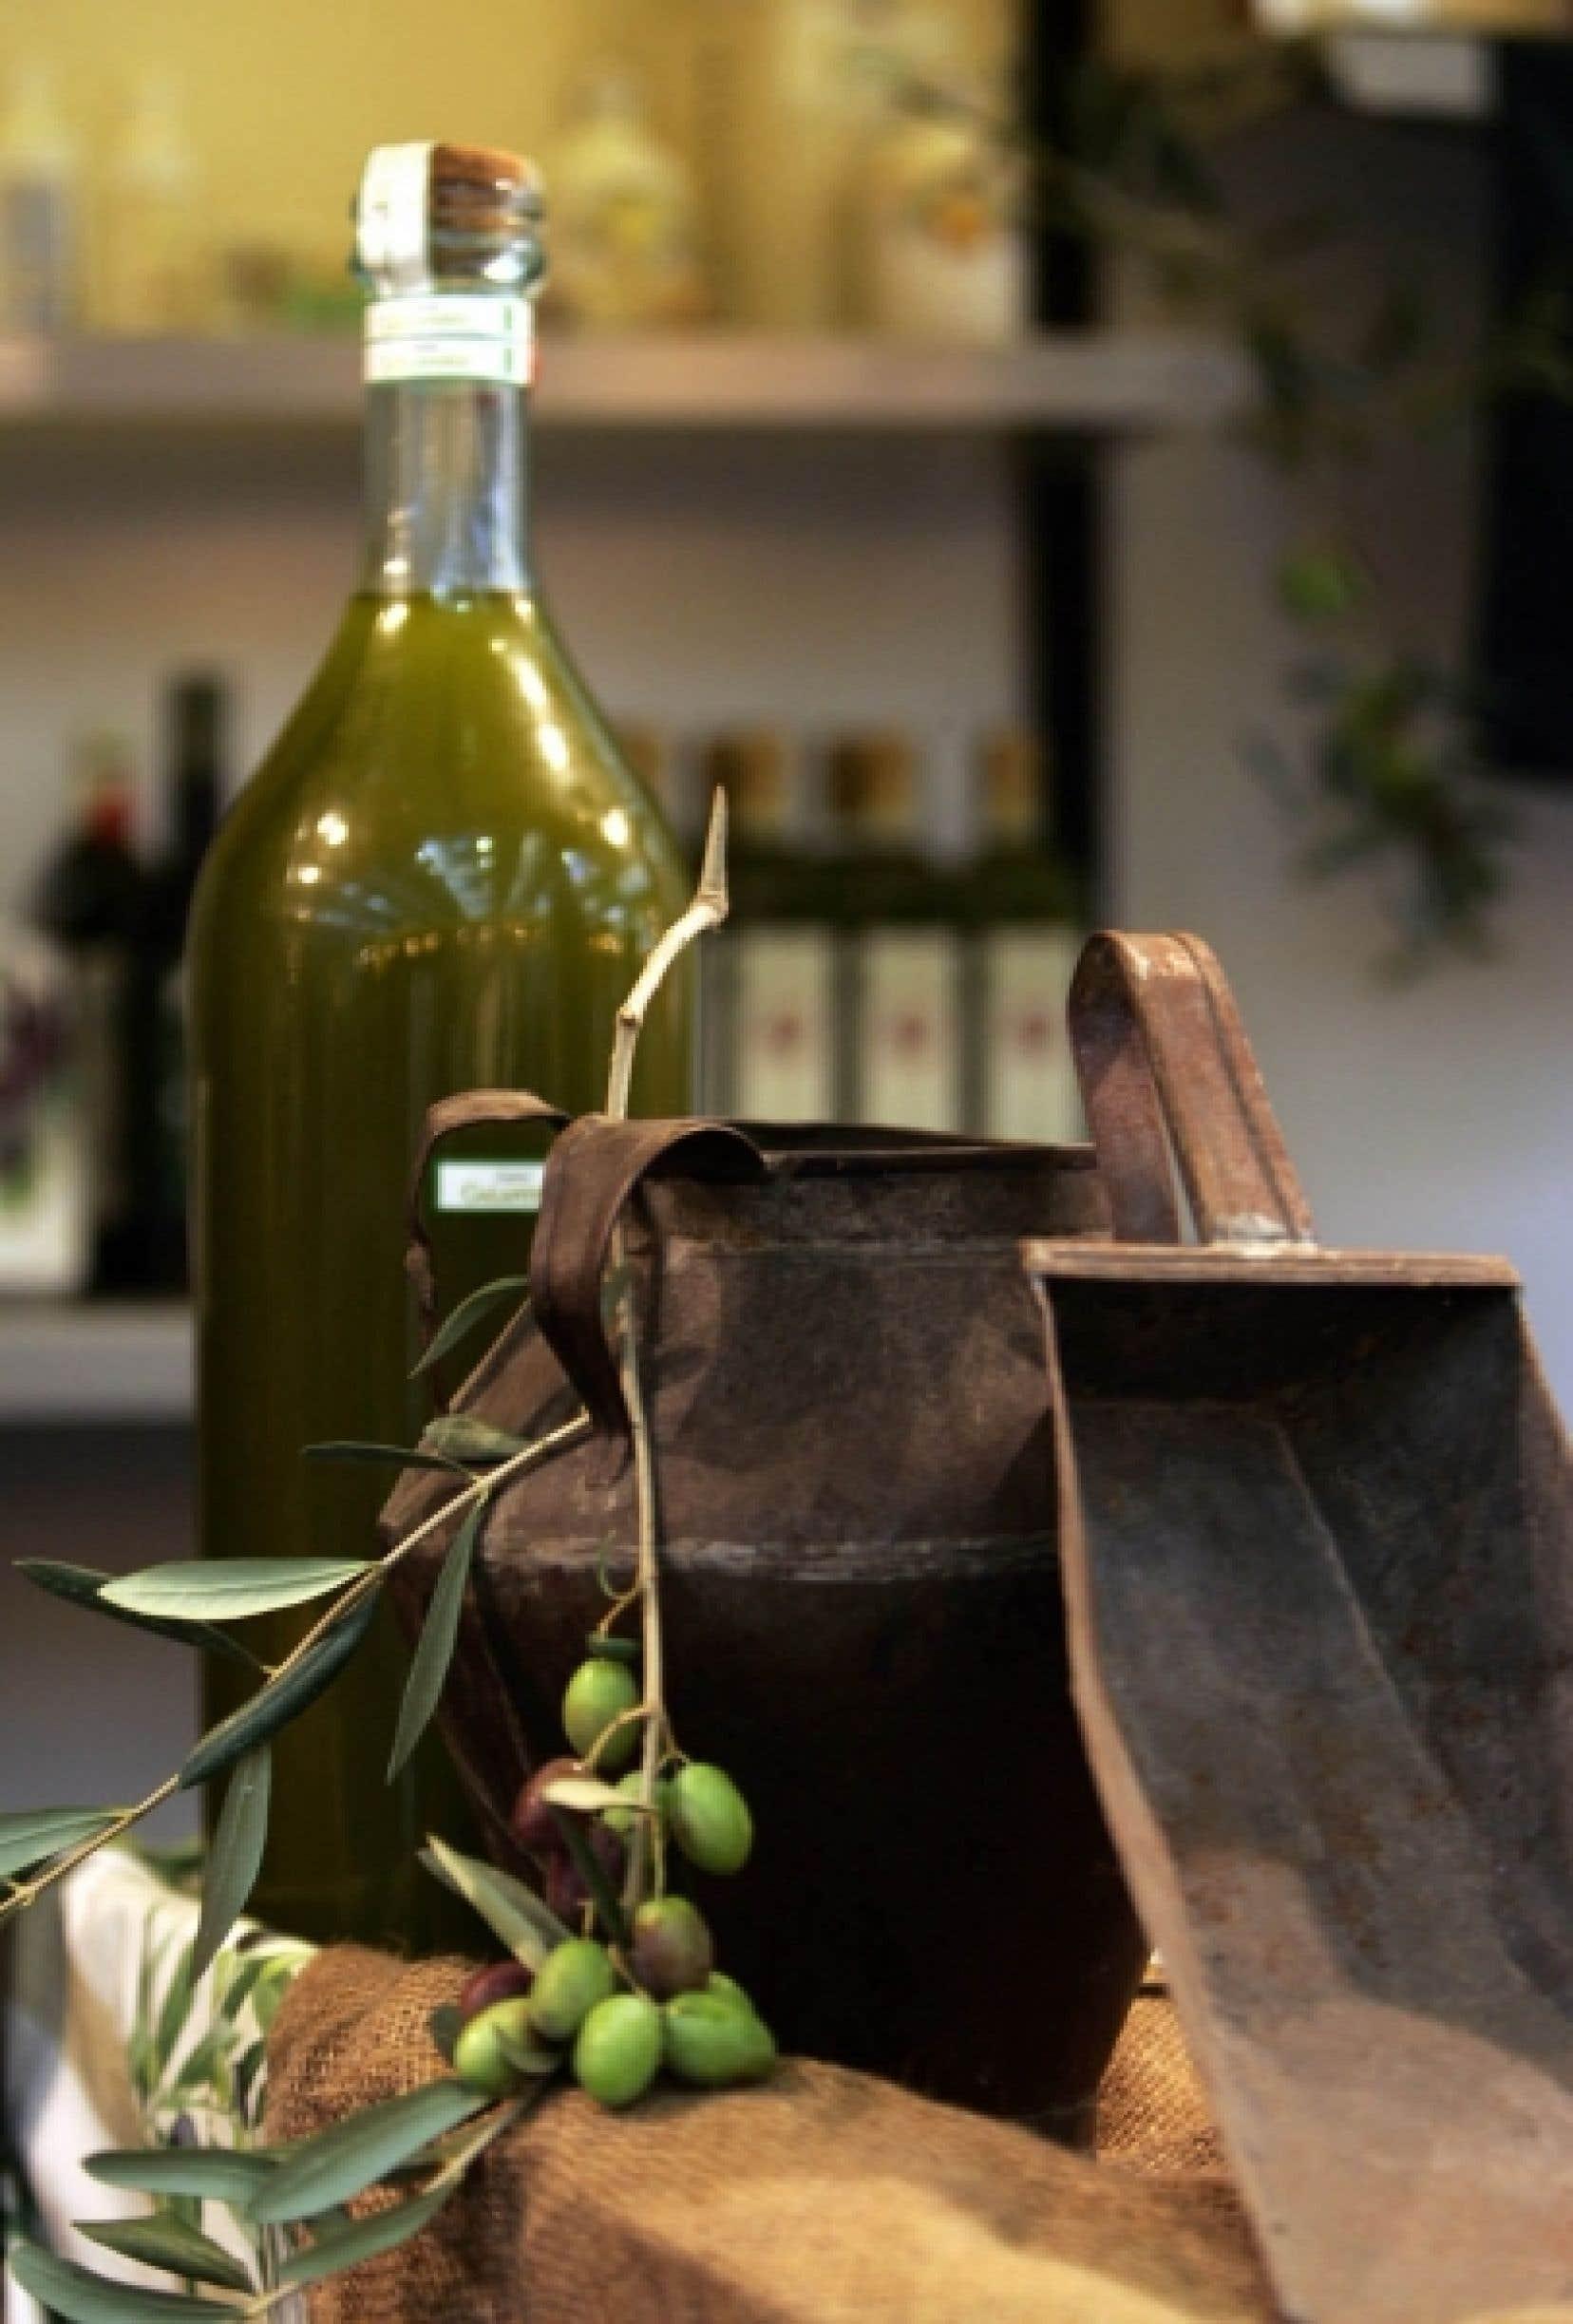 Les plus vieux écrits montrent comment on utilisait l'huile obtenue du pressage des olives pour s'éclairer ou se chauffer. Plus tard, on appréciera les vertus thérapeutiques de l'huile d'olive dans les bains romains et pour les massages, avant de s'en servir comme l'huile de palme pour la confection de savons tels ceux d'Alep ou de Marseille.